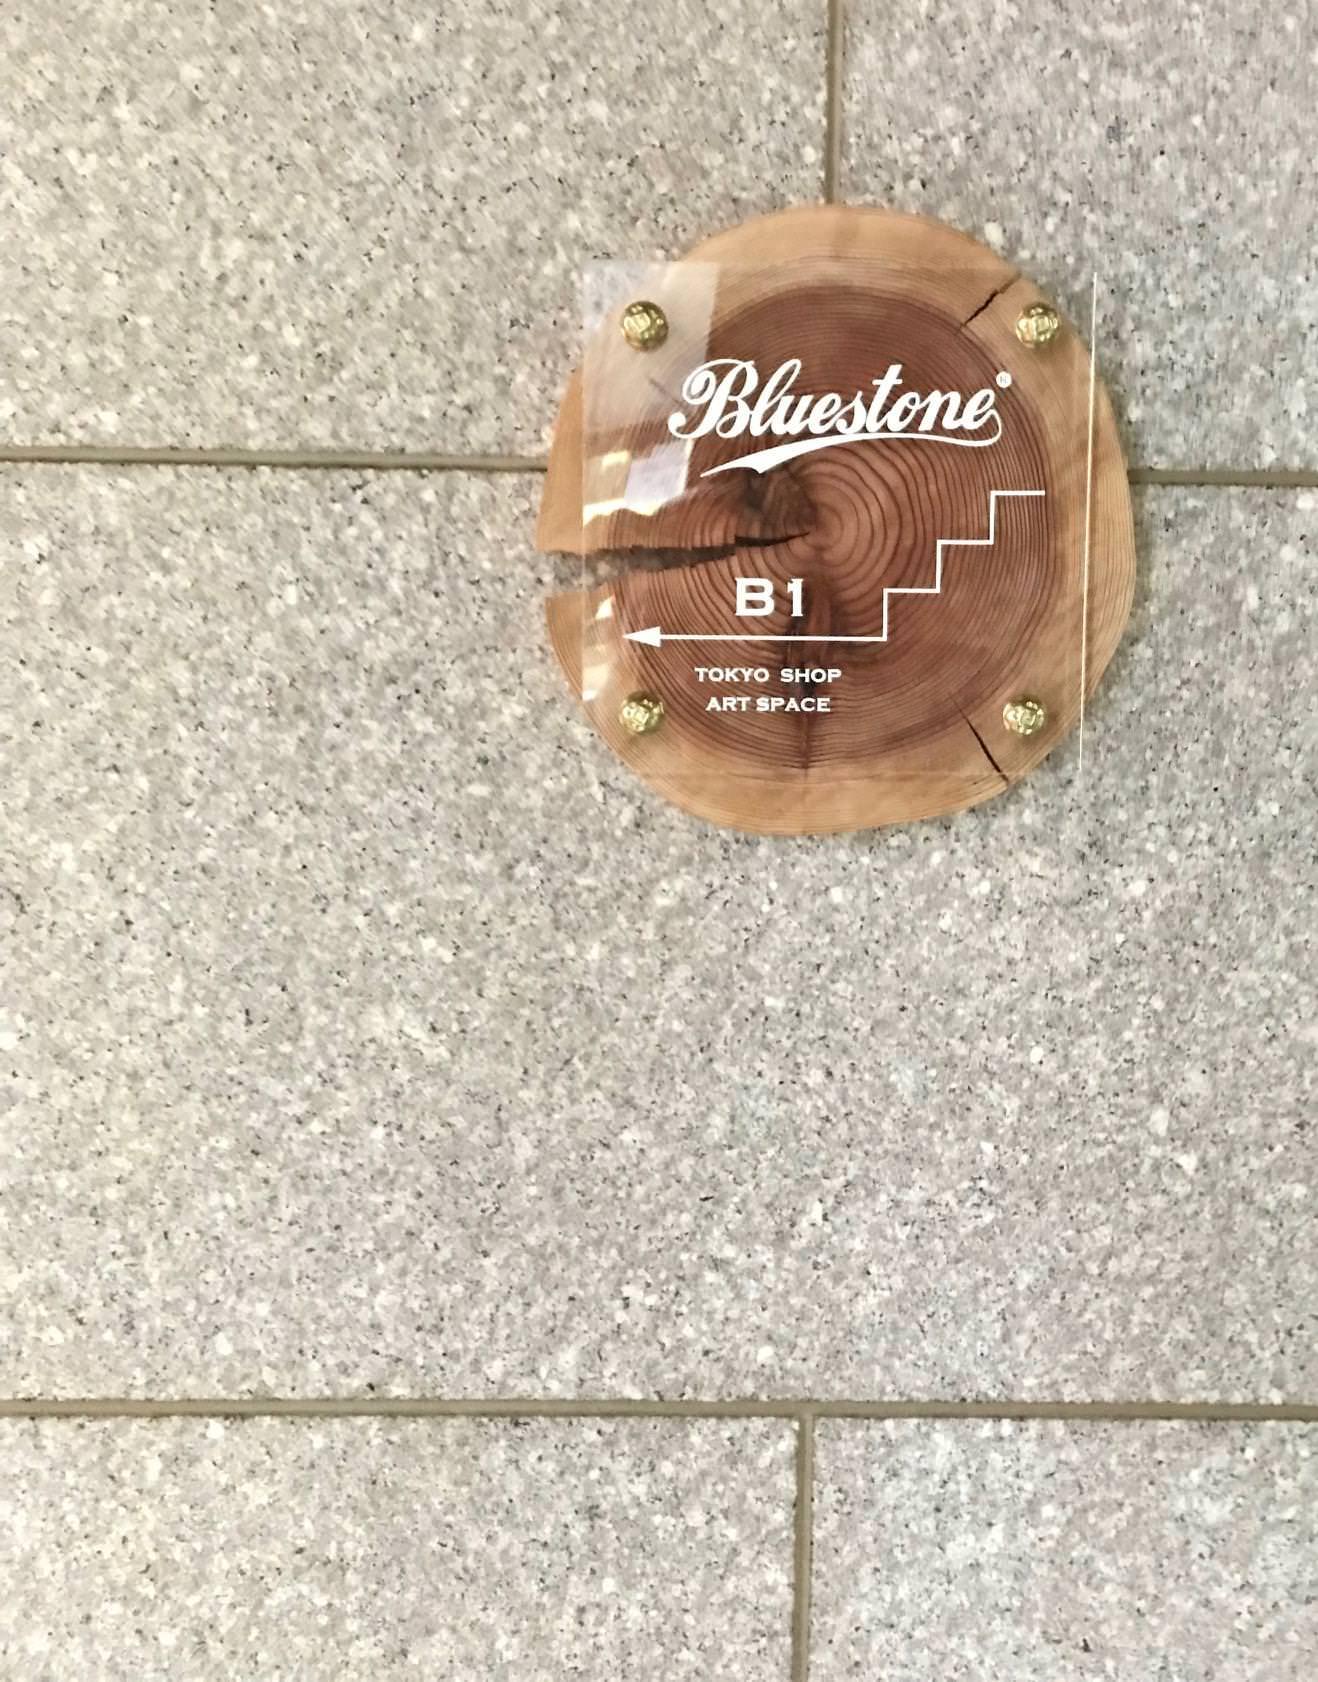 93cf9b7d95f31 日本橋(水天宮)にあるBluestone shopを遅ればせながら動画でご紹介させて頂きます。 普通の店舗とは違い「ビルの地下」にあるため分かりにくいのですが、来店された  ...